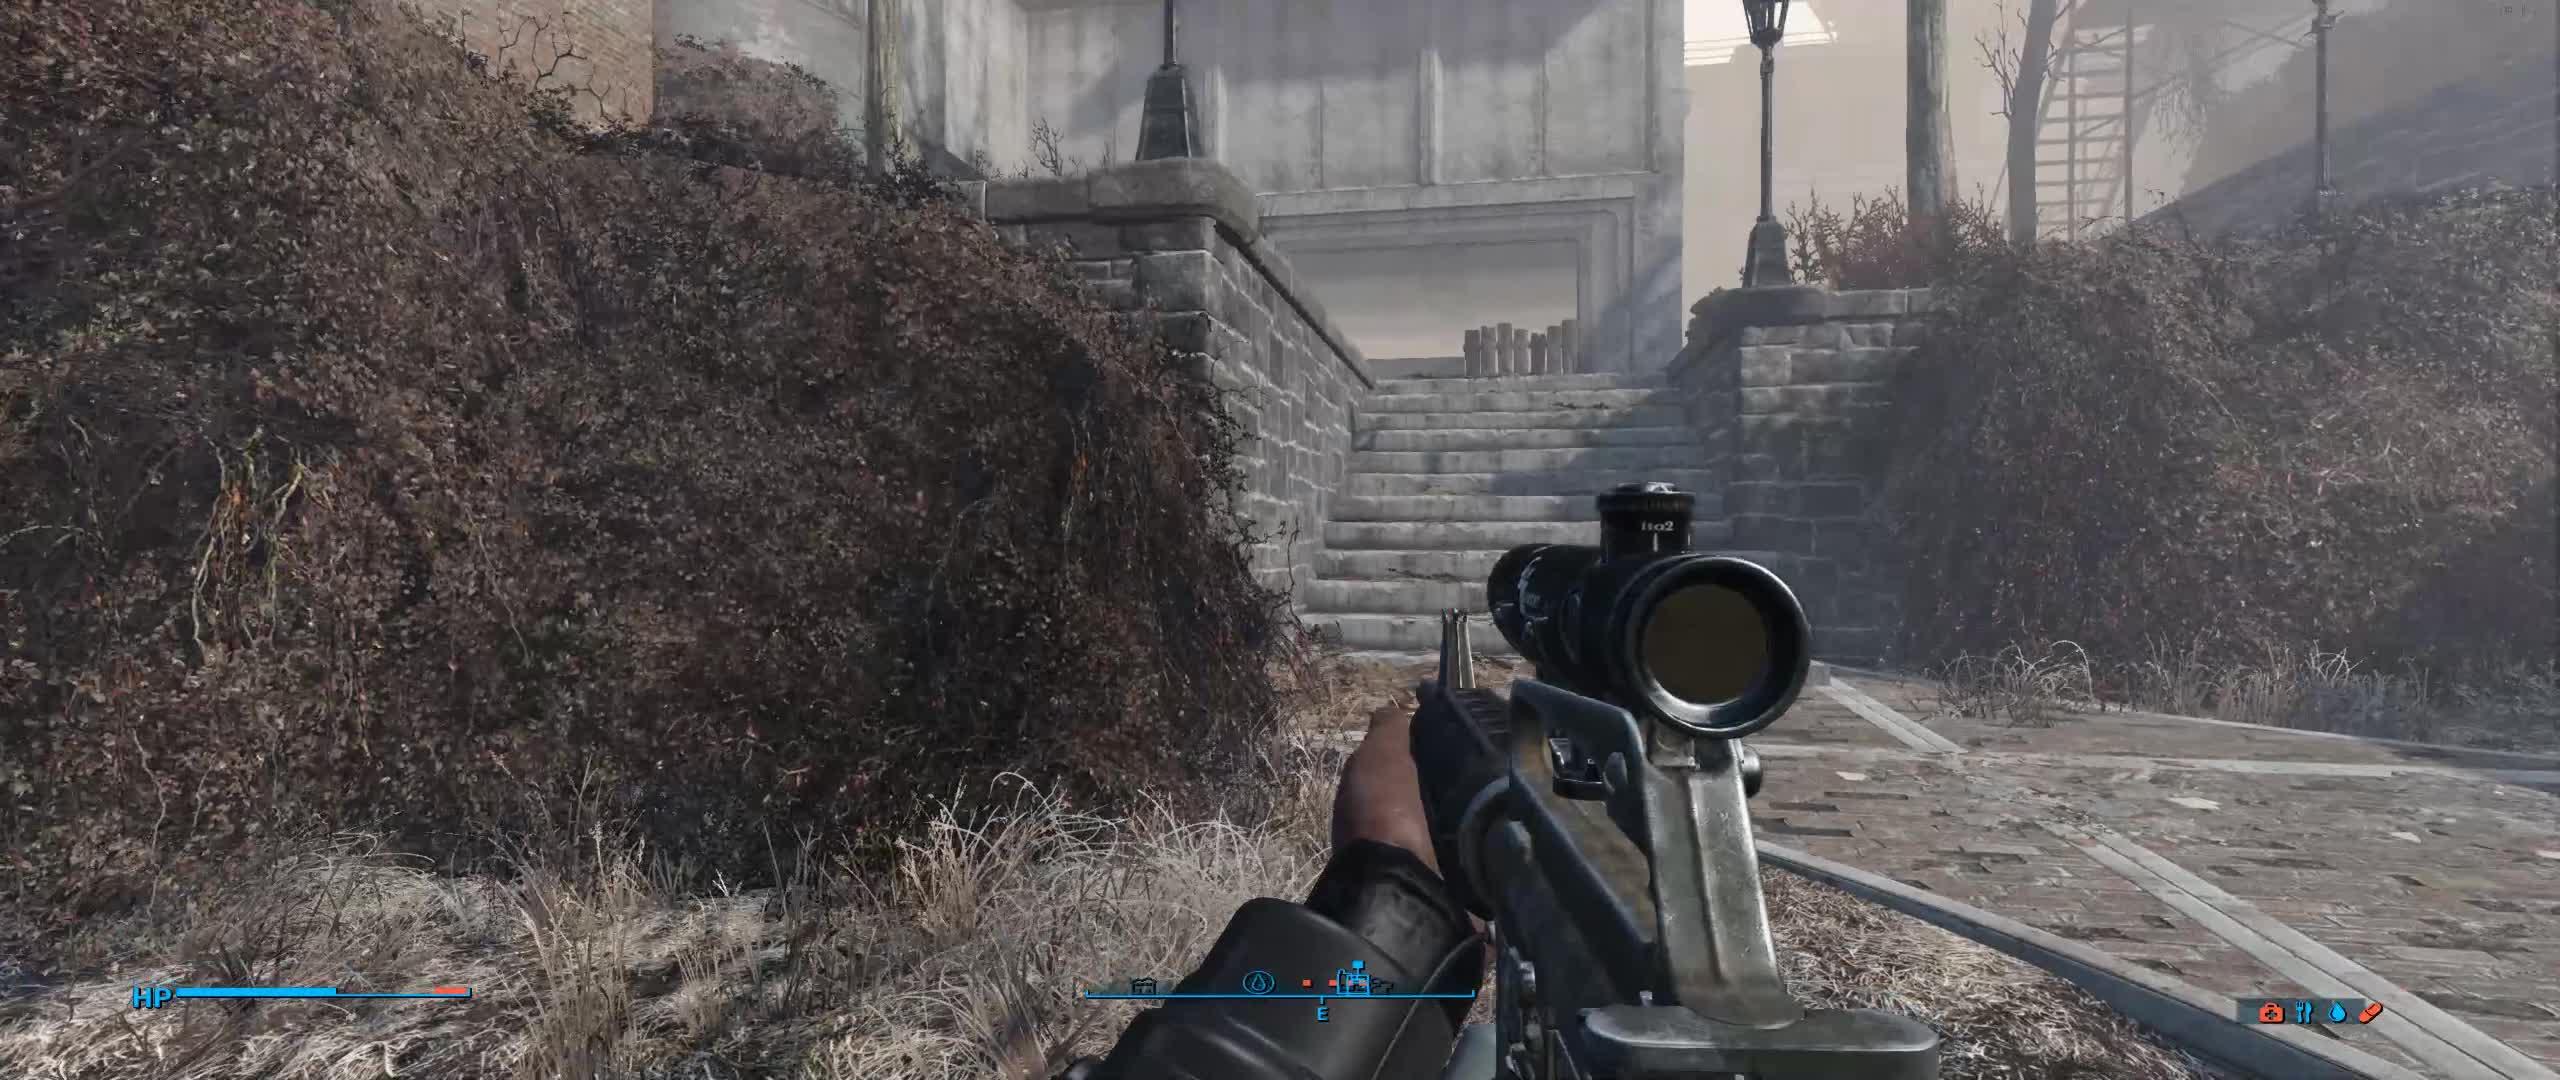 fallout4, Fallout 4 2018.07.12 - 12.16.32.03.DVR GIFs